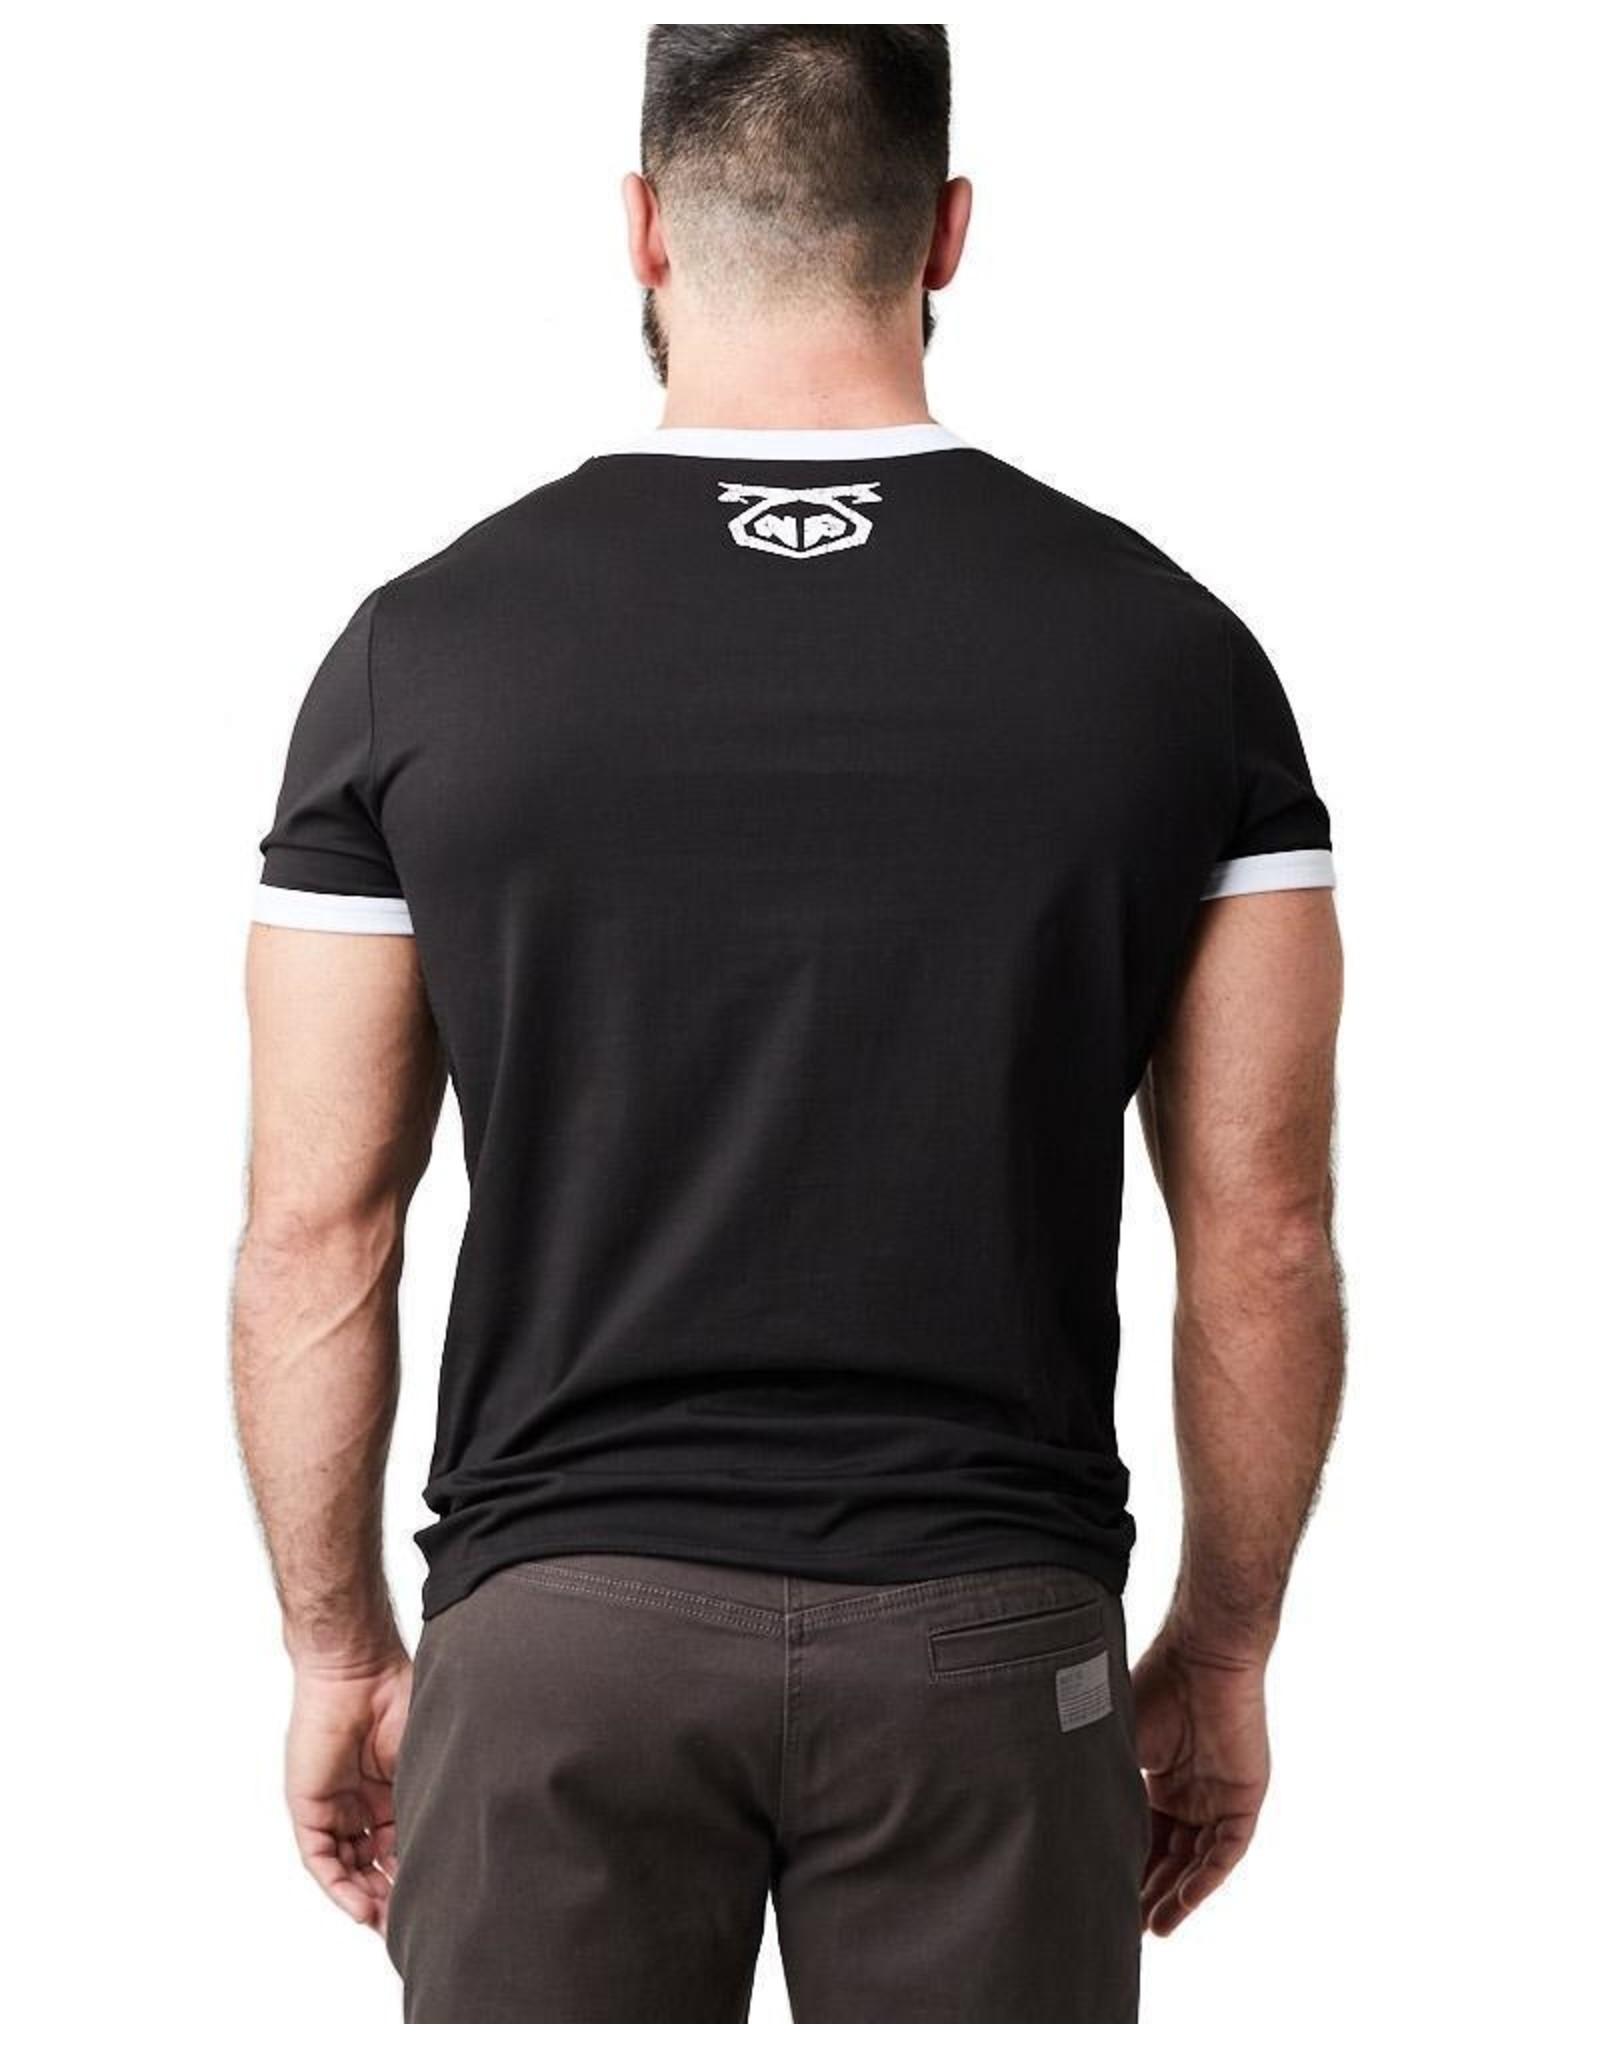 Nasty Pig Nasty Pig Intercept Shirt